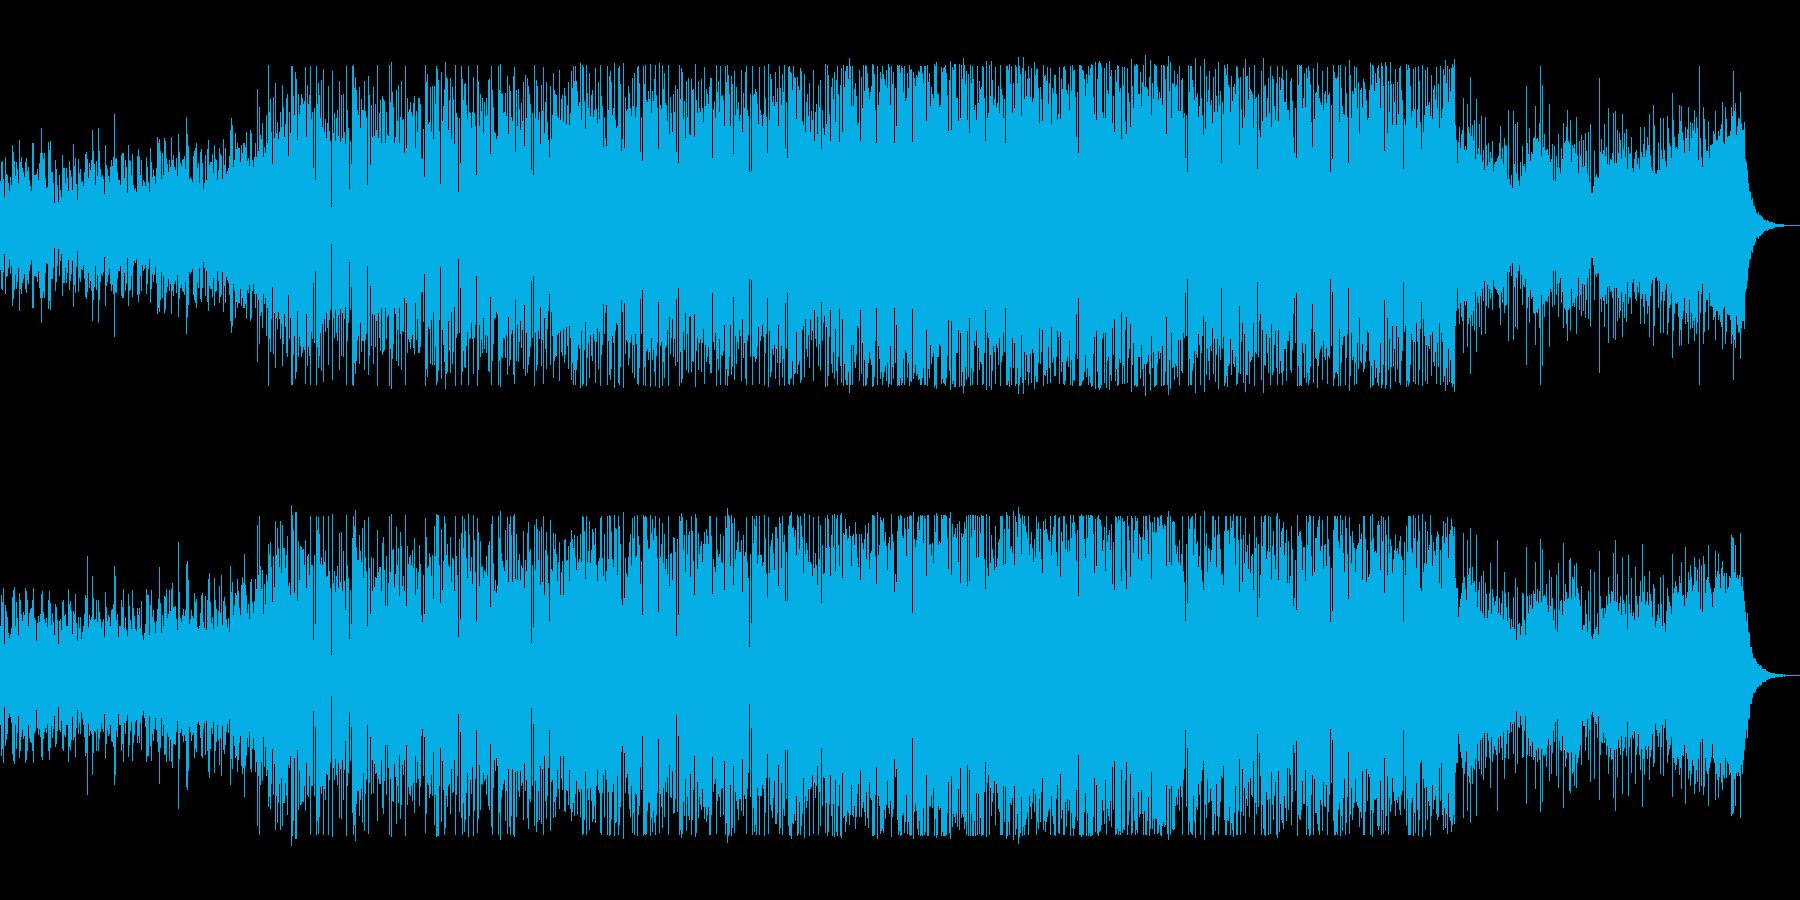 ラテン系のノリノリなサウンドの再生済みの波形